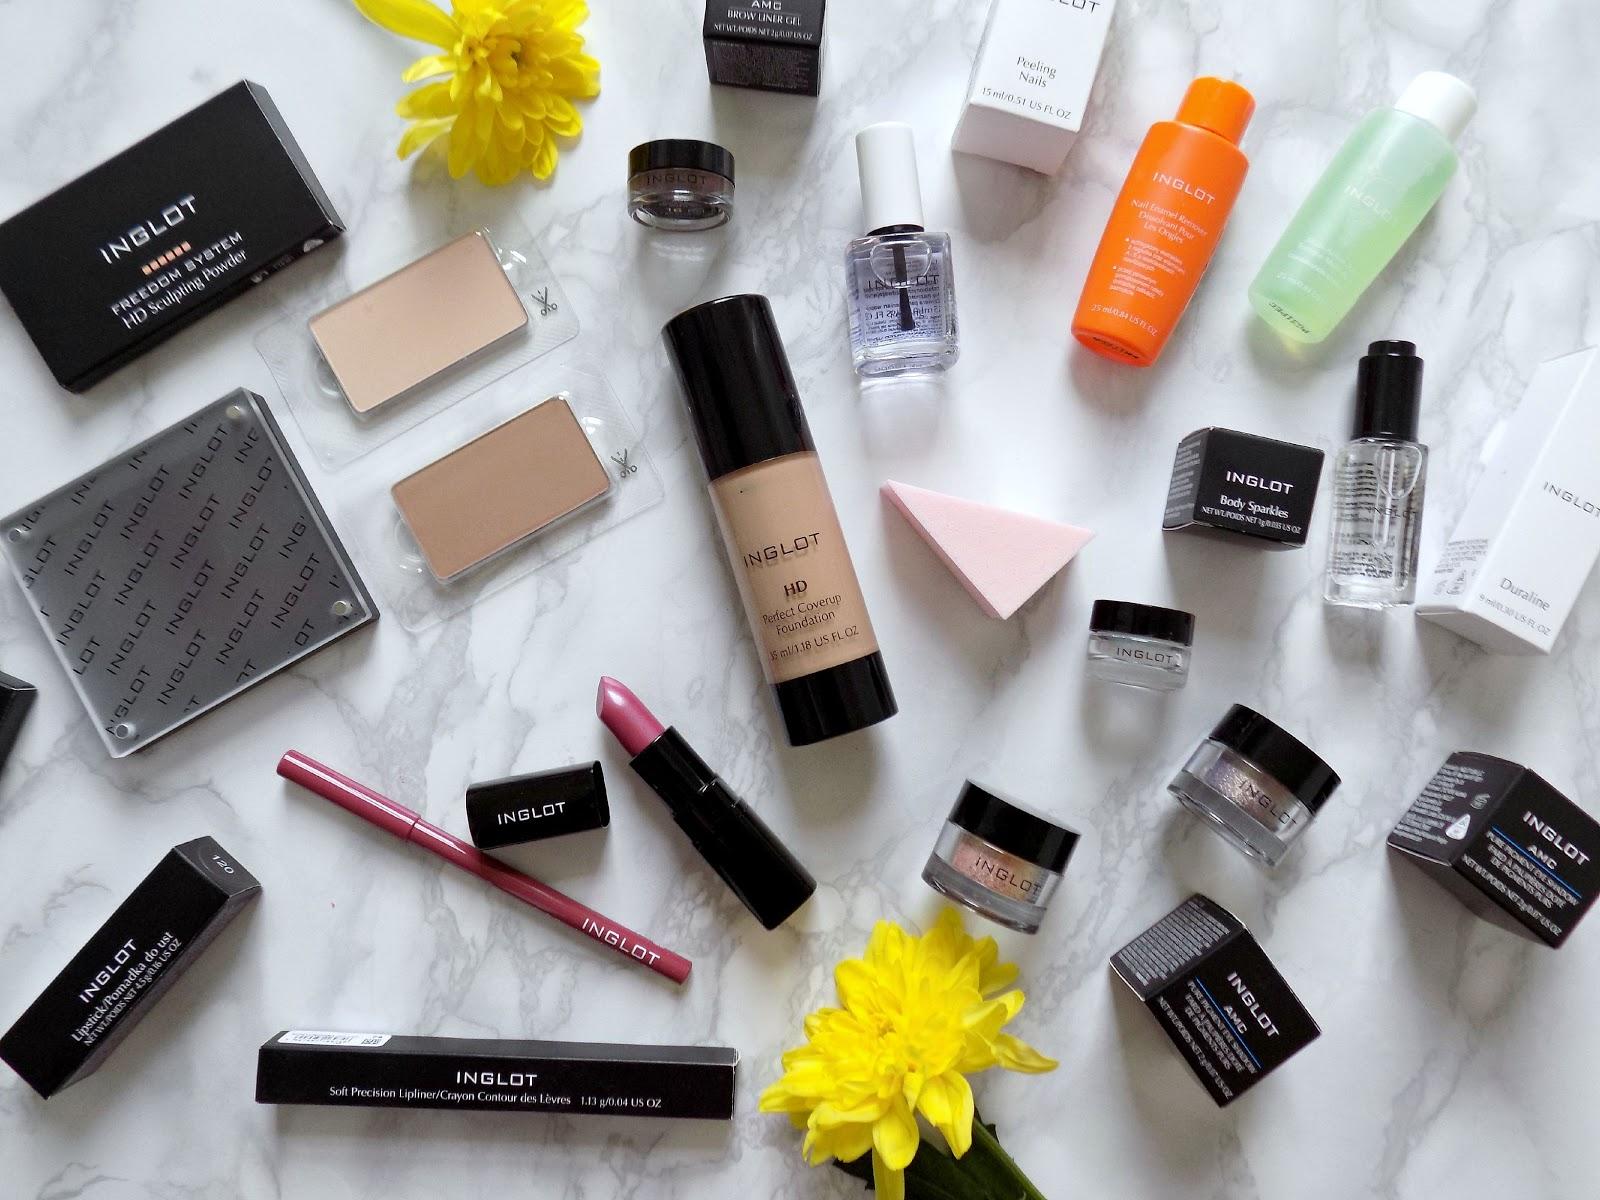 Inglot Makeup Reviews Uk - Mugeek Vidalondon